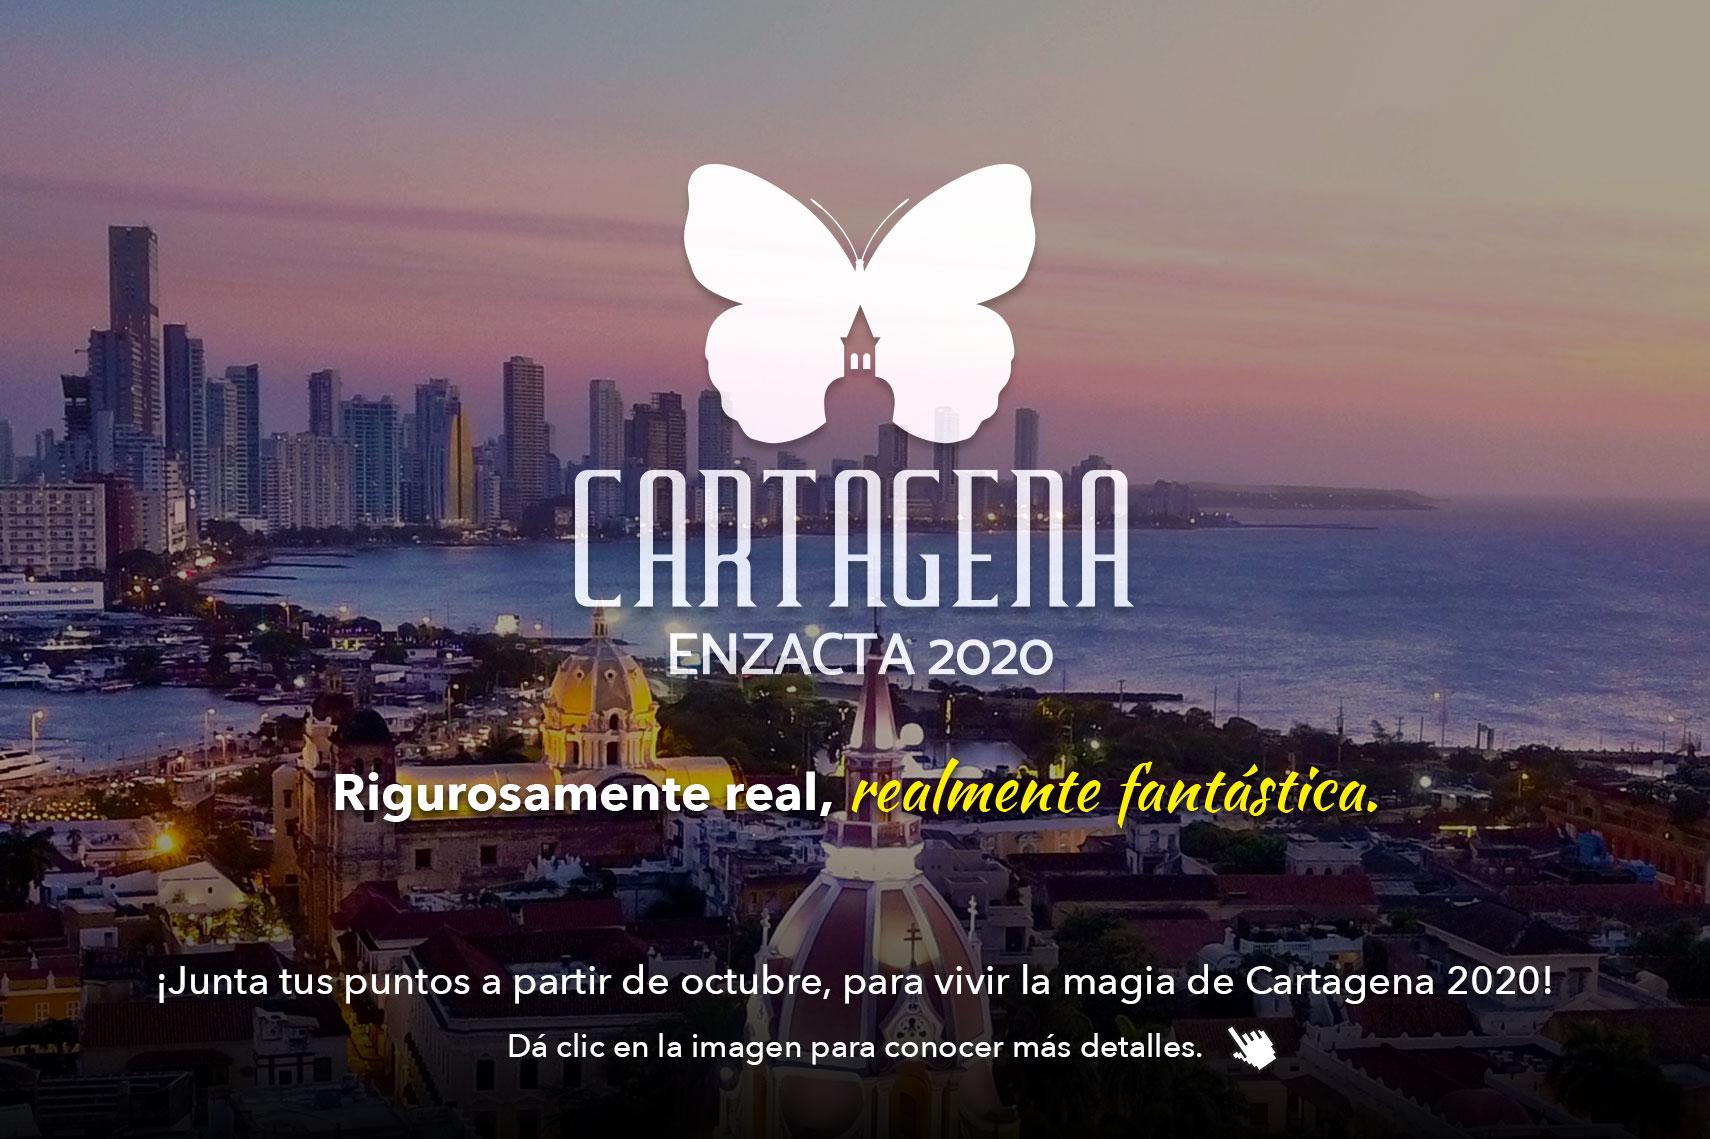 Icentivo a Cartagena ENZACTA 2020